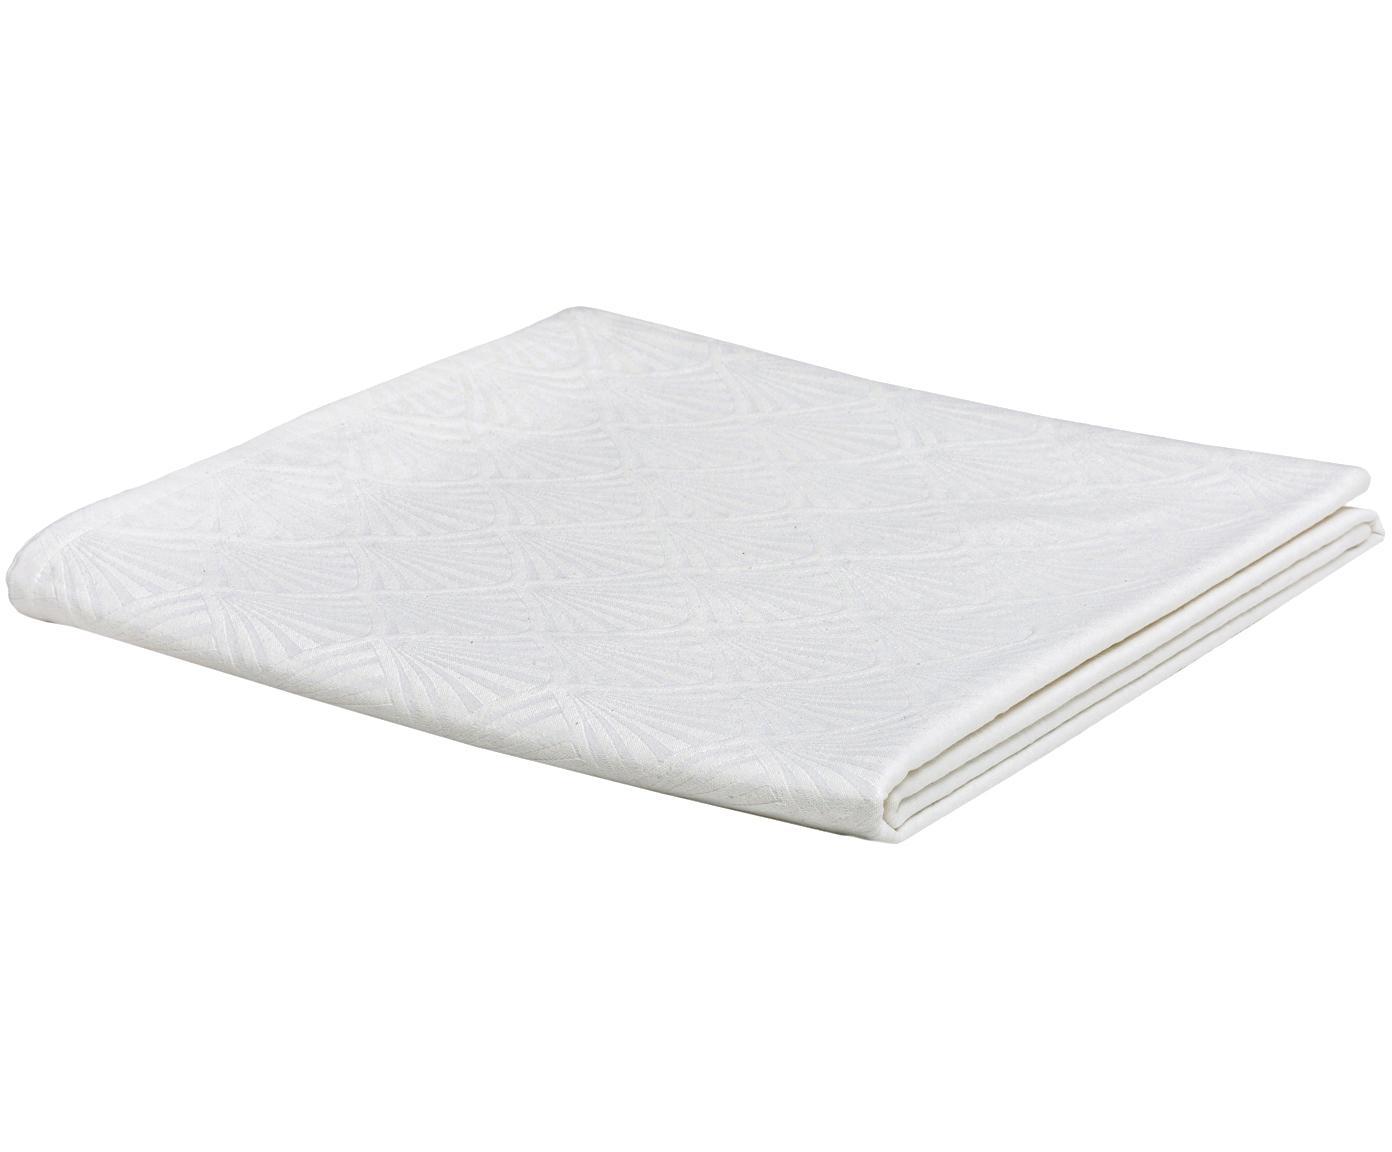 Tovaglia Celine, Tessuto: Jacquard, Bianco, Per 2-4 persone (Larg.150 x Lung. 150 cm)